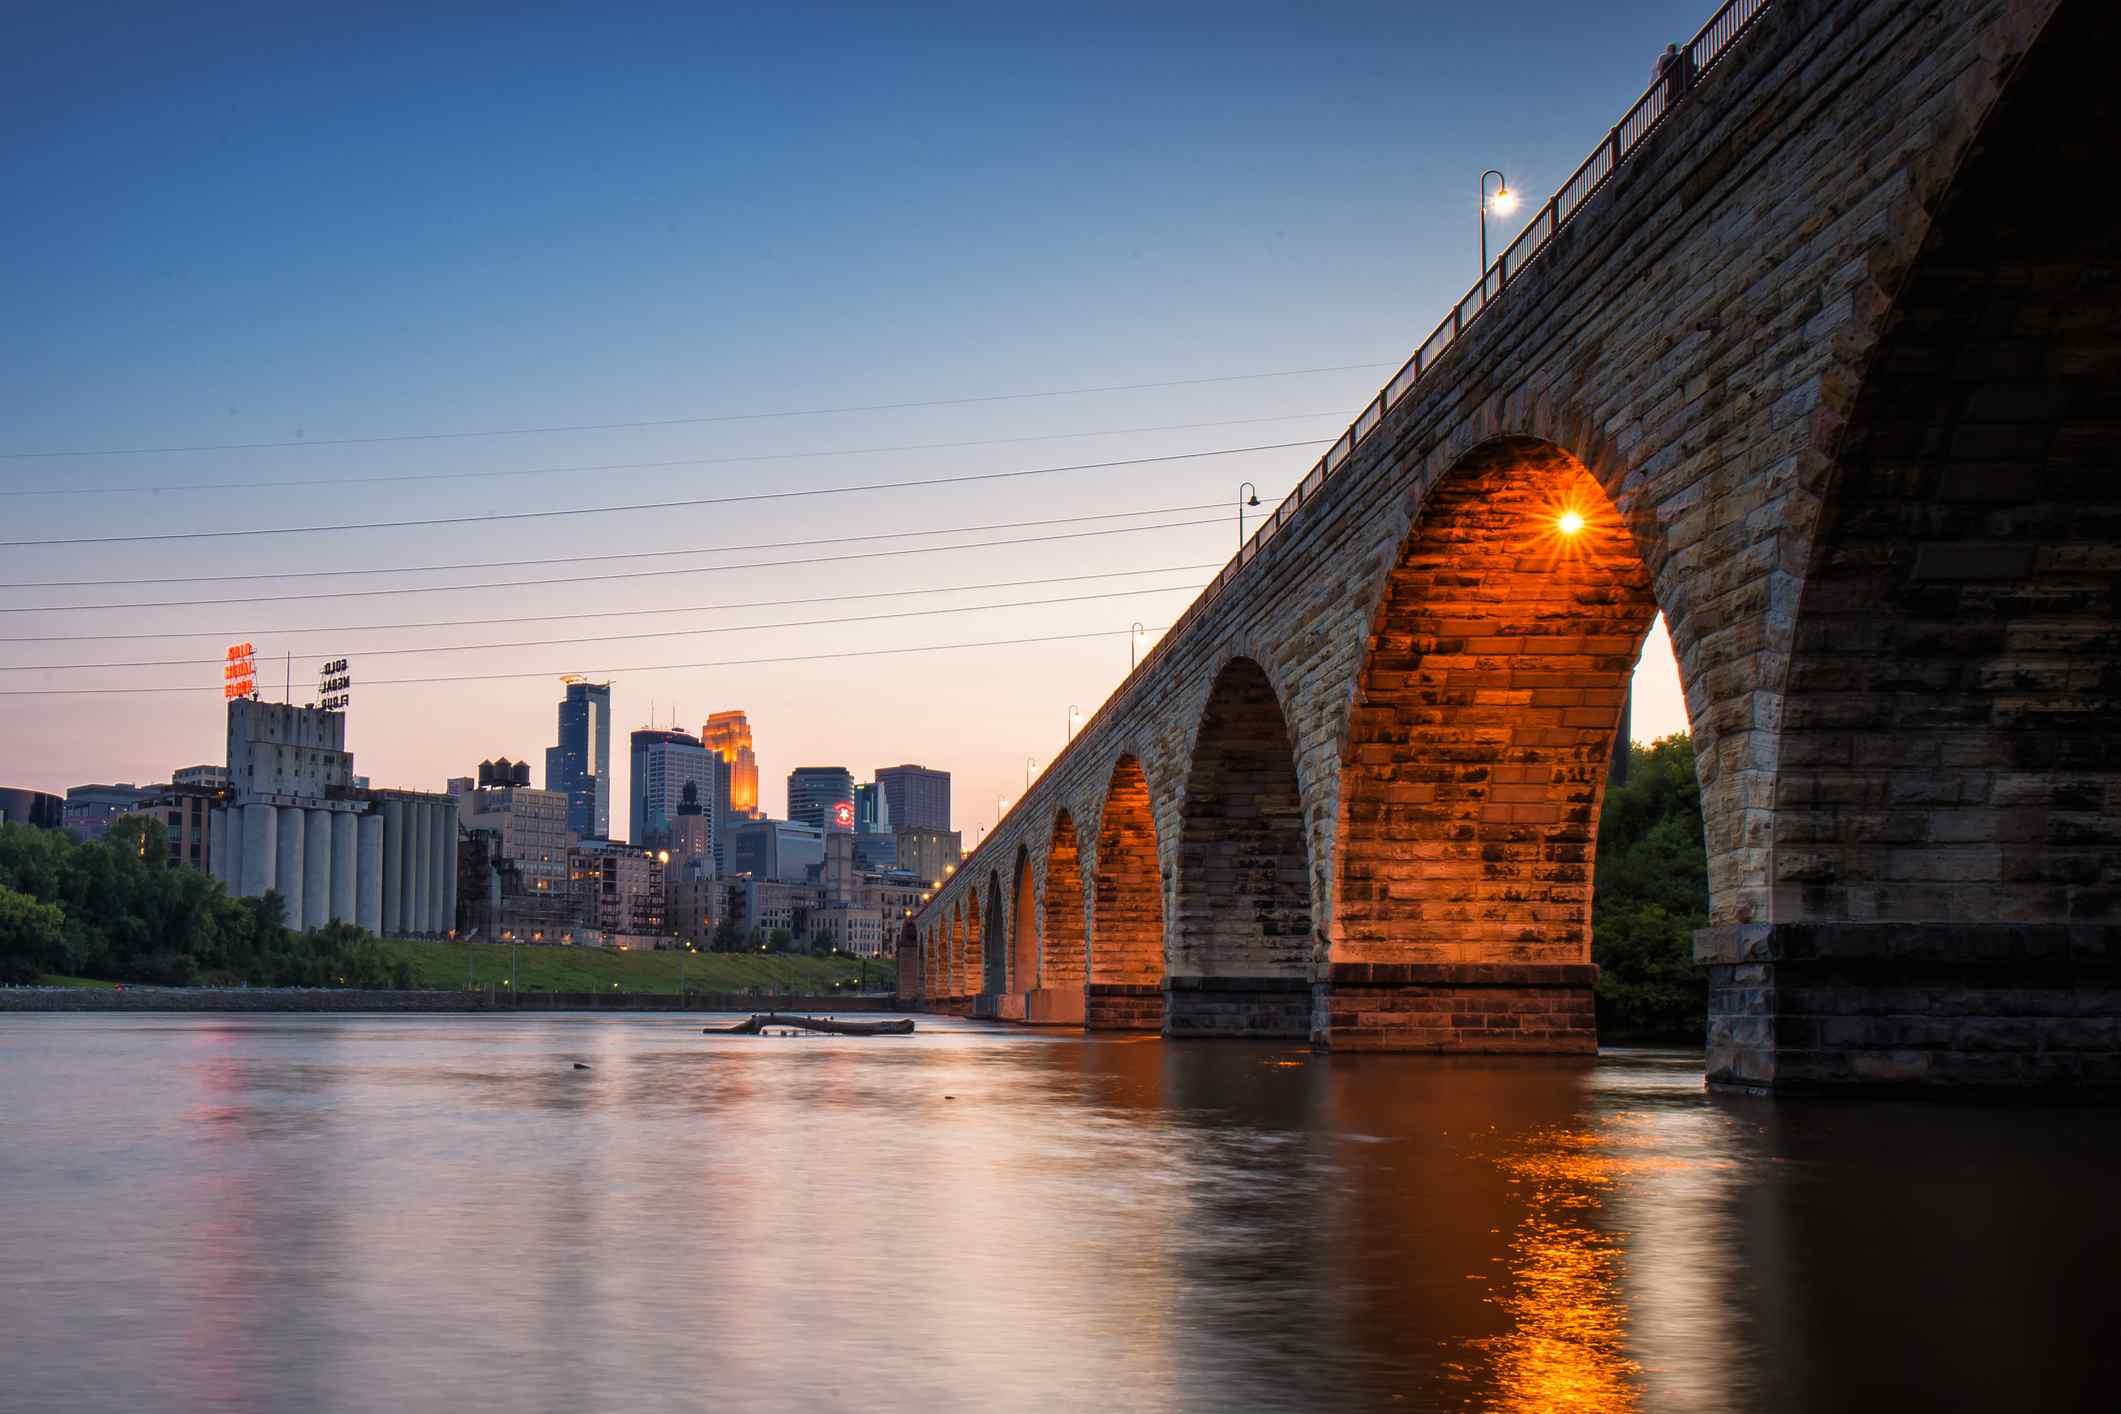 Vista del puente sobre el río en la ciudad